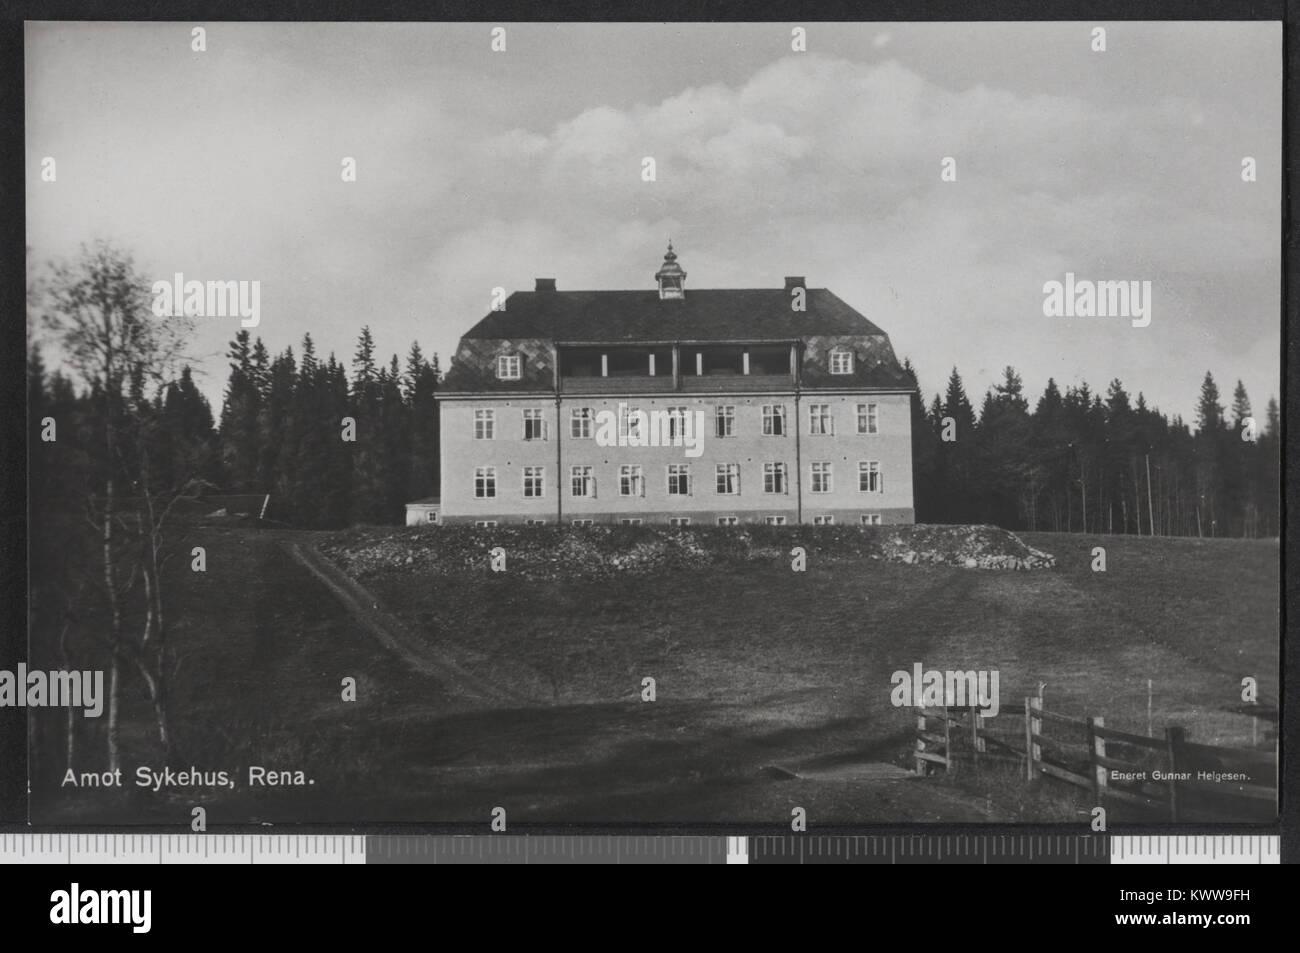 Hôpital Åmot, Rena - pas-nb digifoto bldsa 2015081000088 PK30011 Banque D'Images